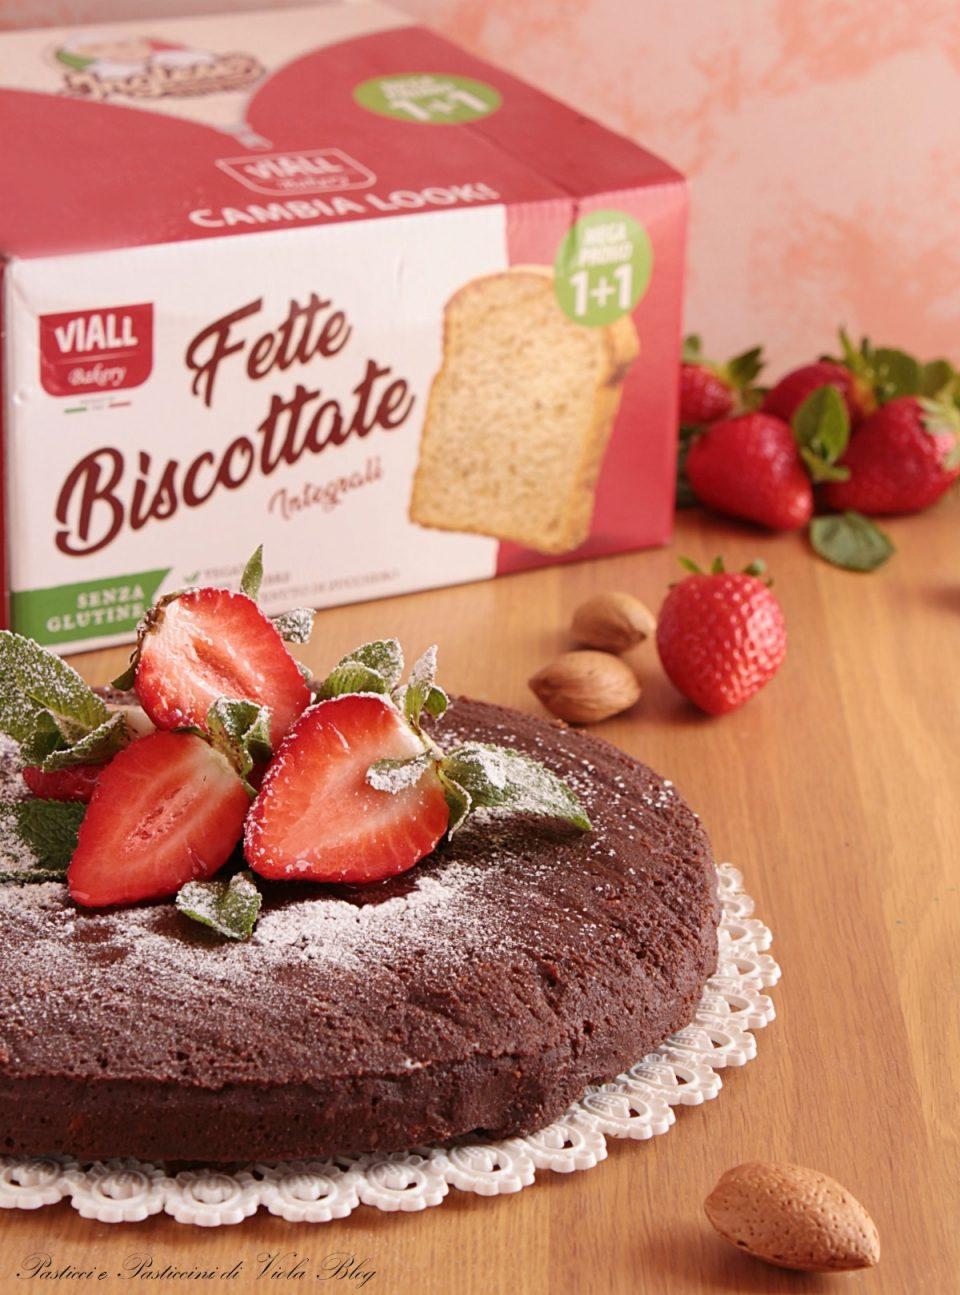 Facile e veloce e senza cottura Torta al Cioccolato con Fette Biscottate - Pasticci e Pasticcini di Viola Blog